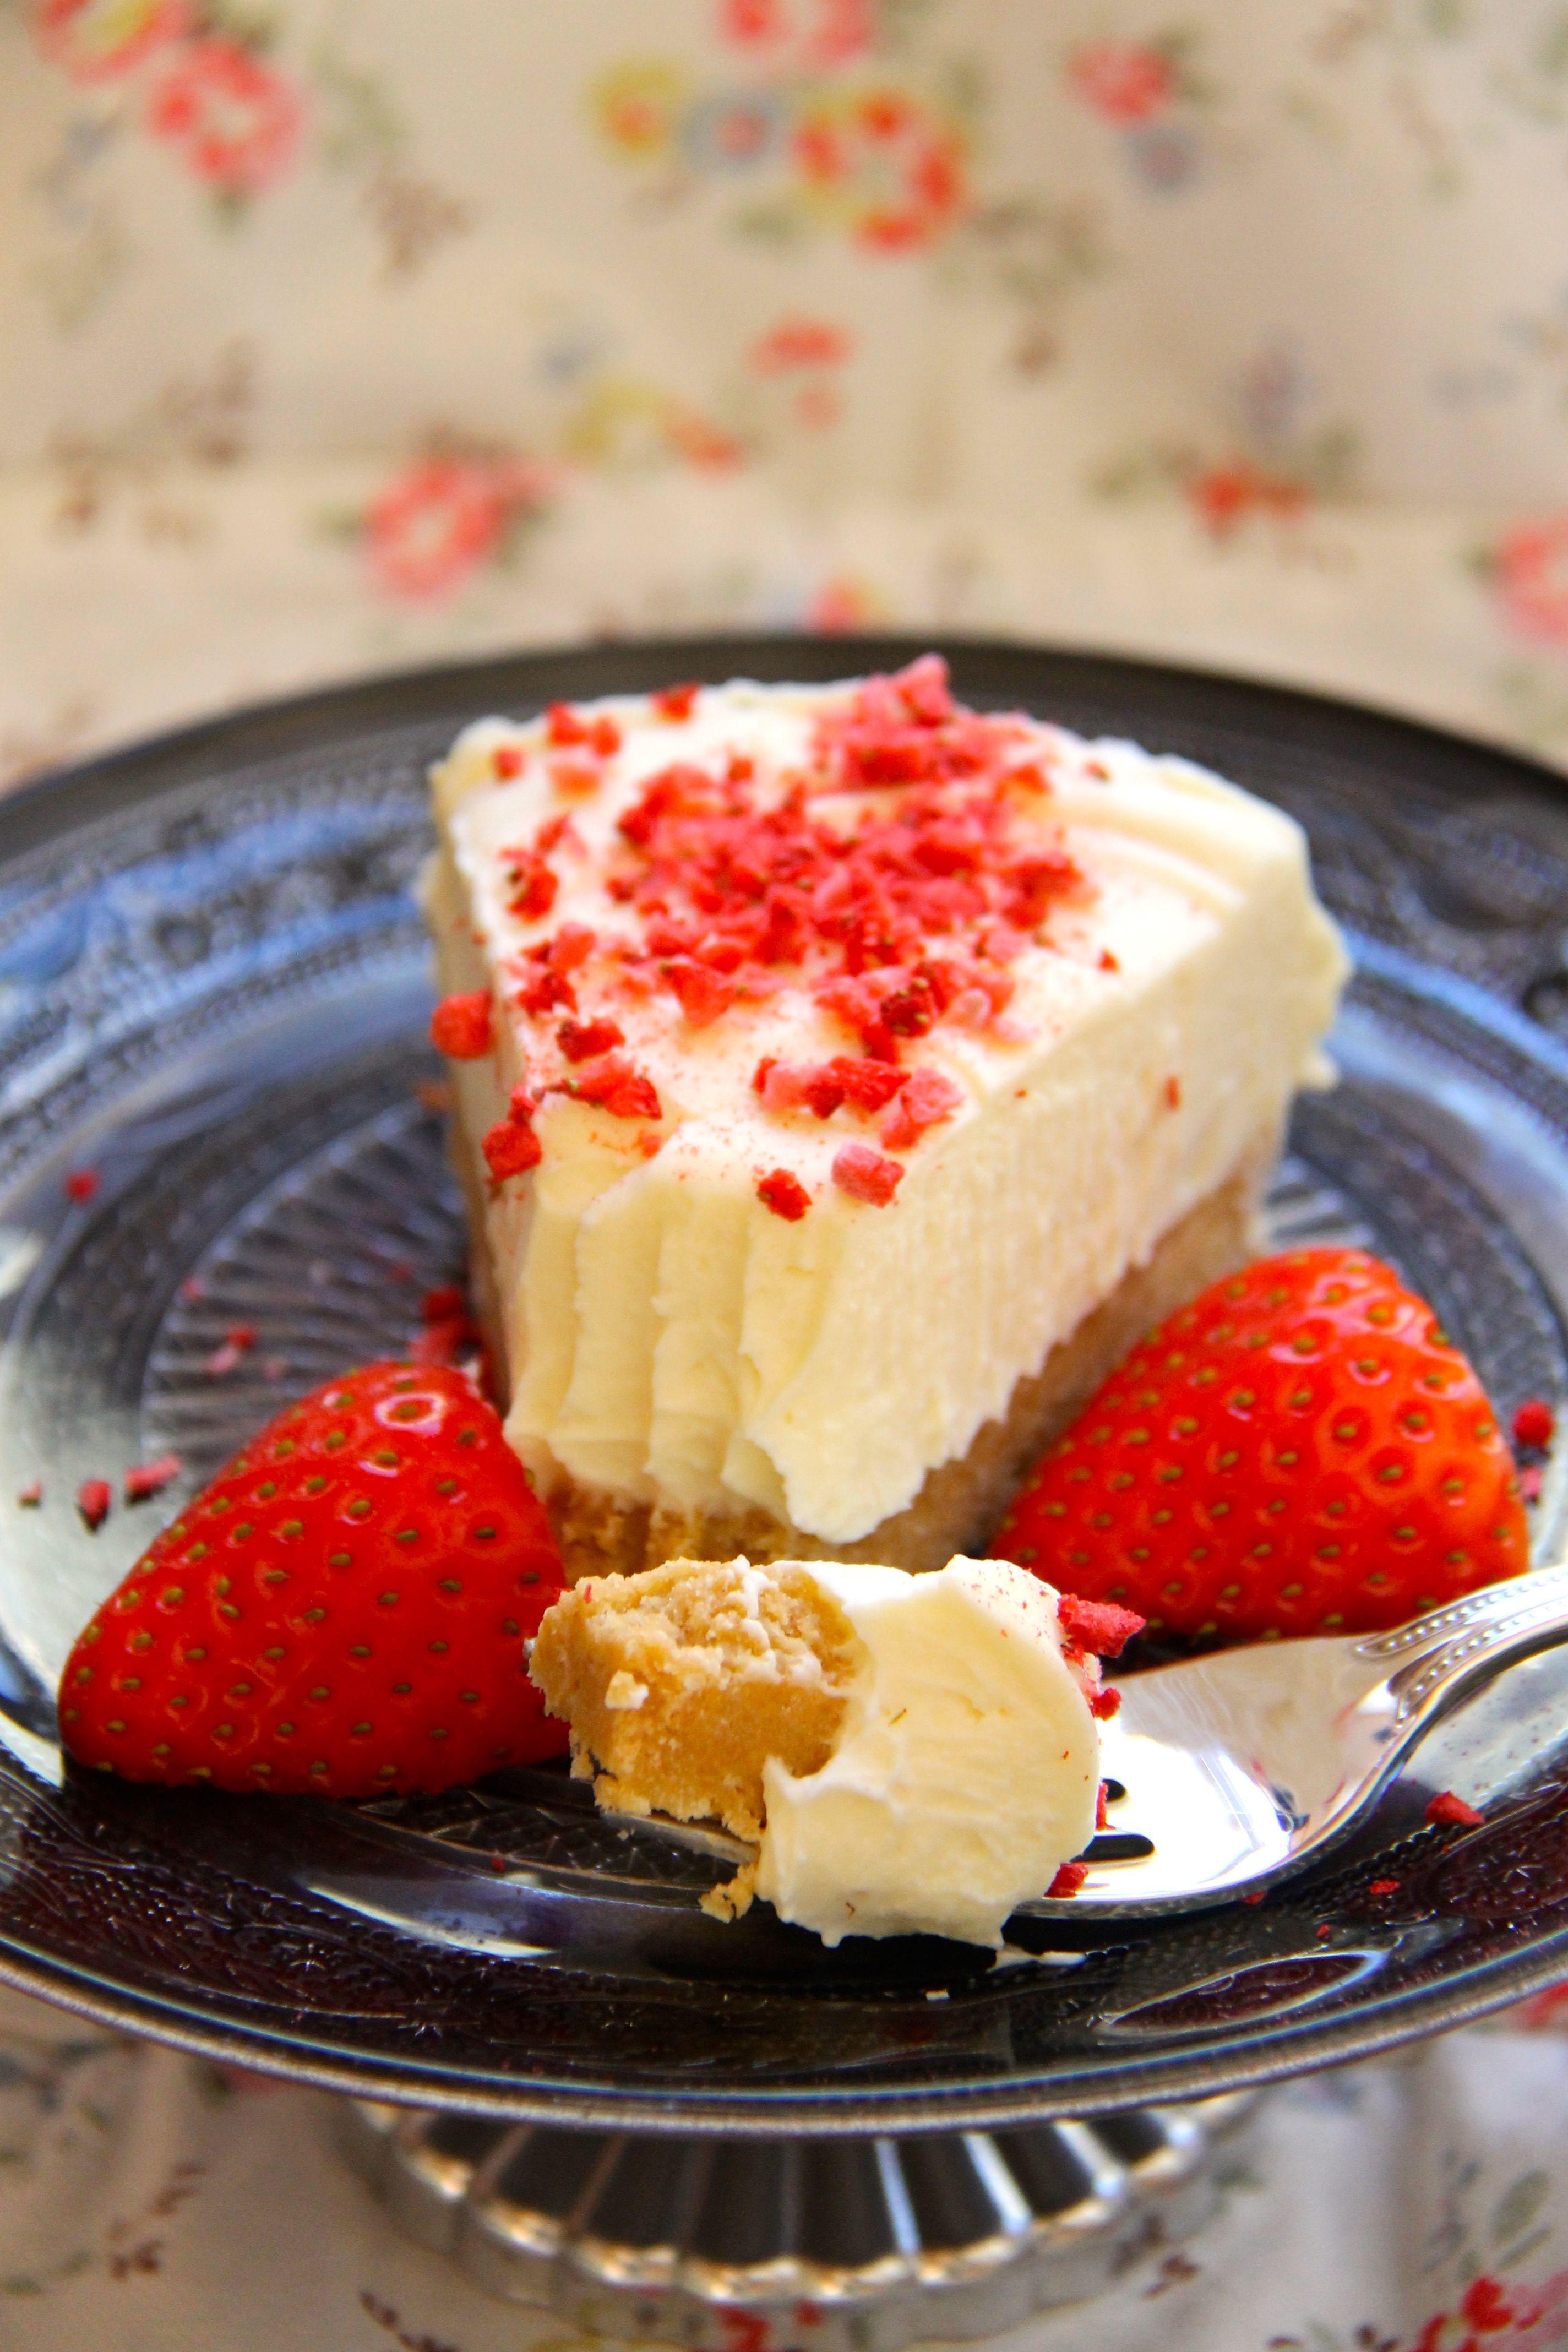 No Bake White Chocolate Strawberry Cheesecake Cheesecake